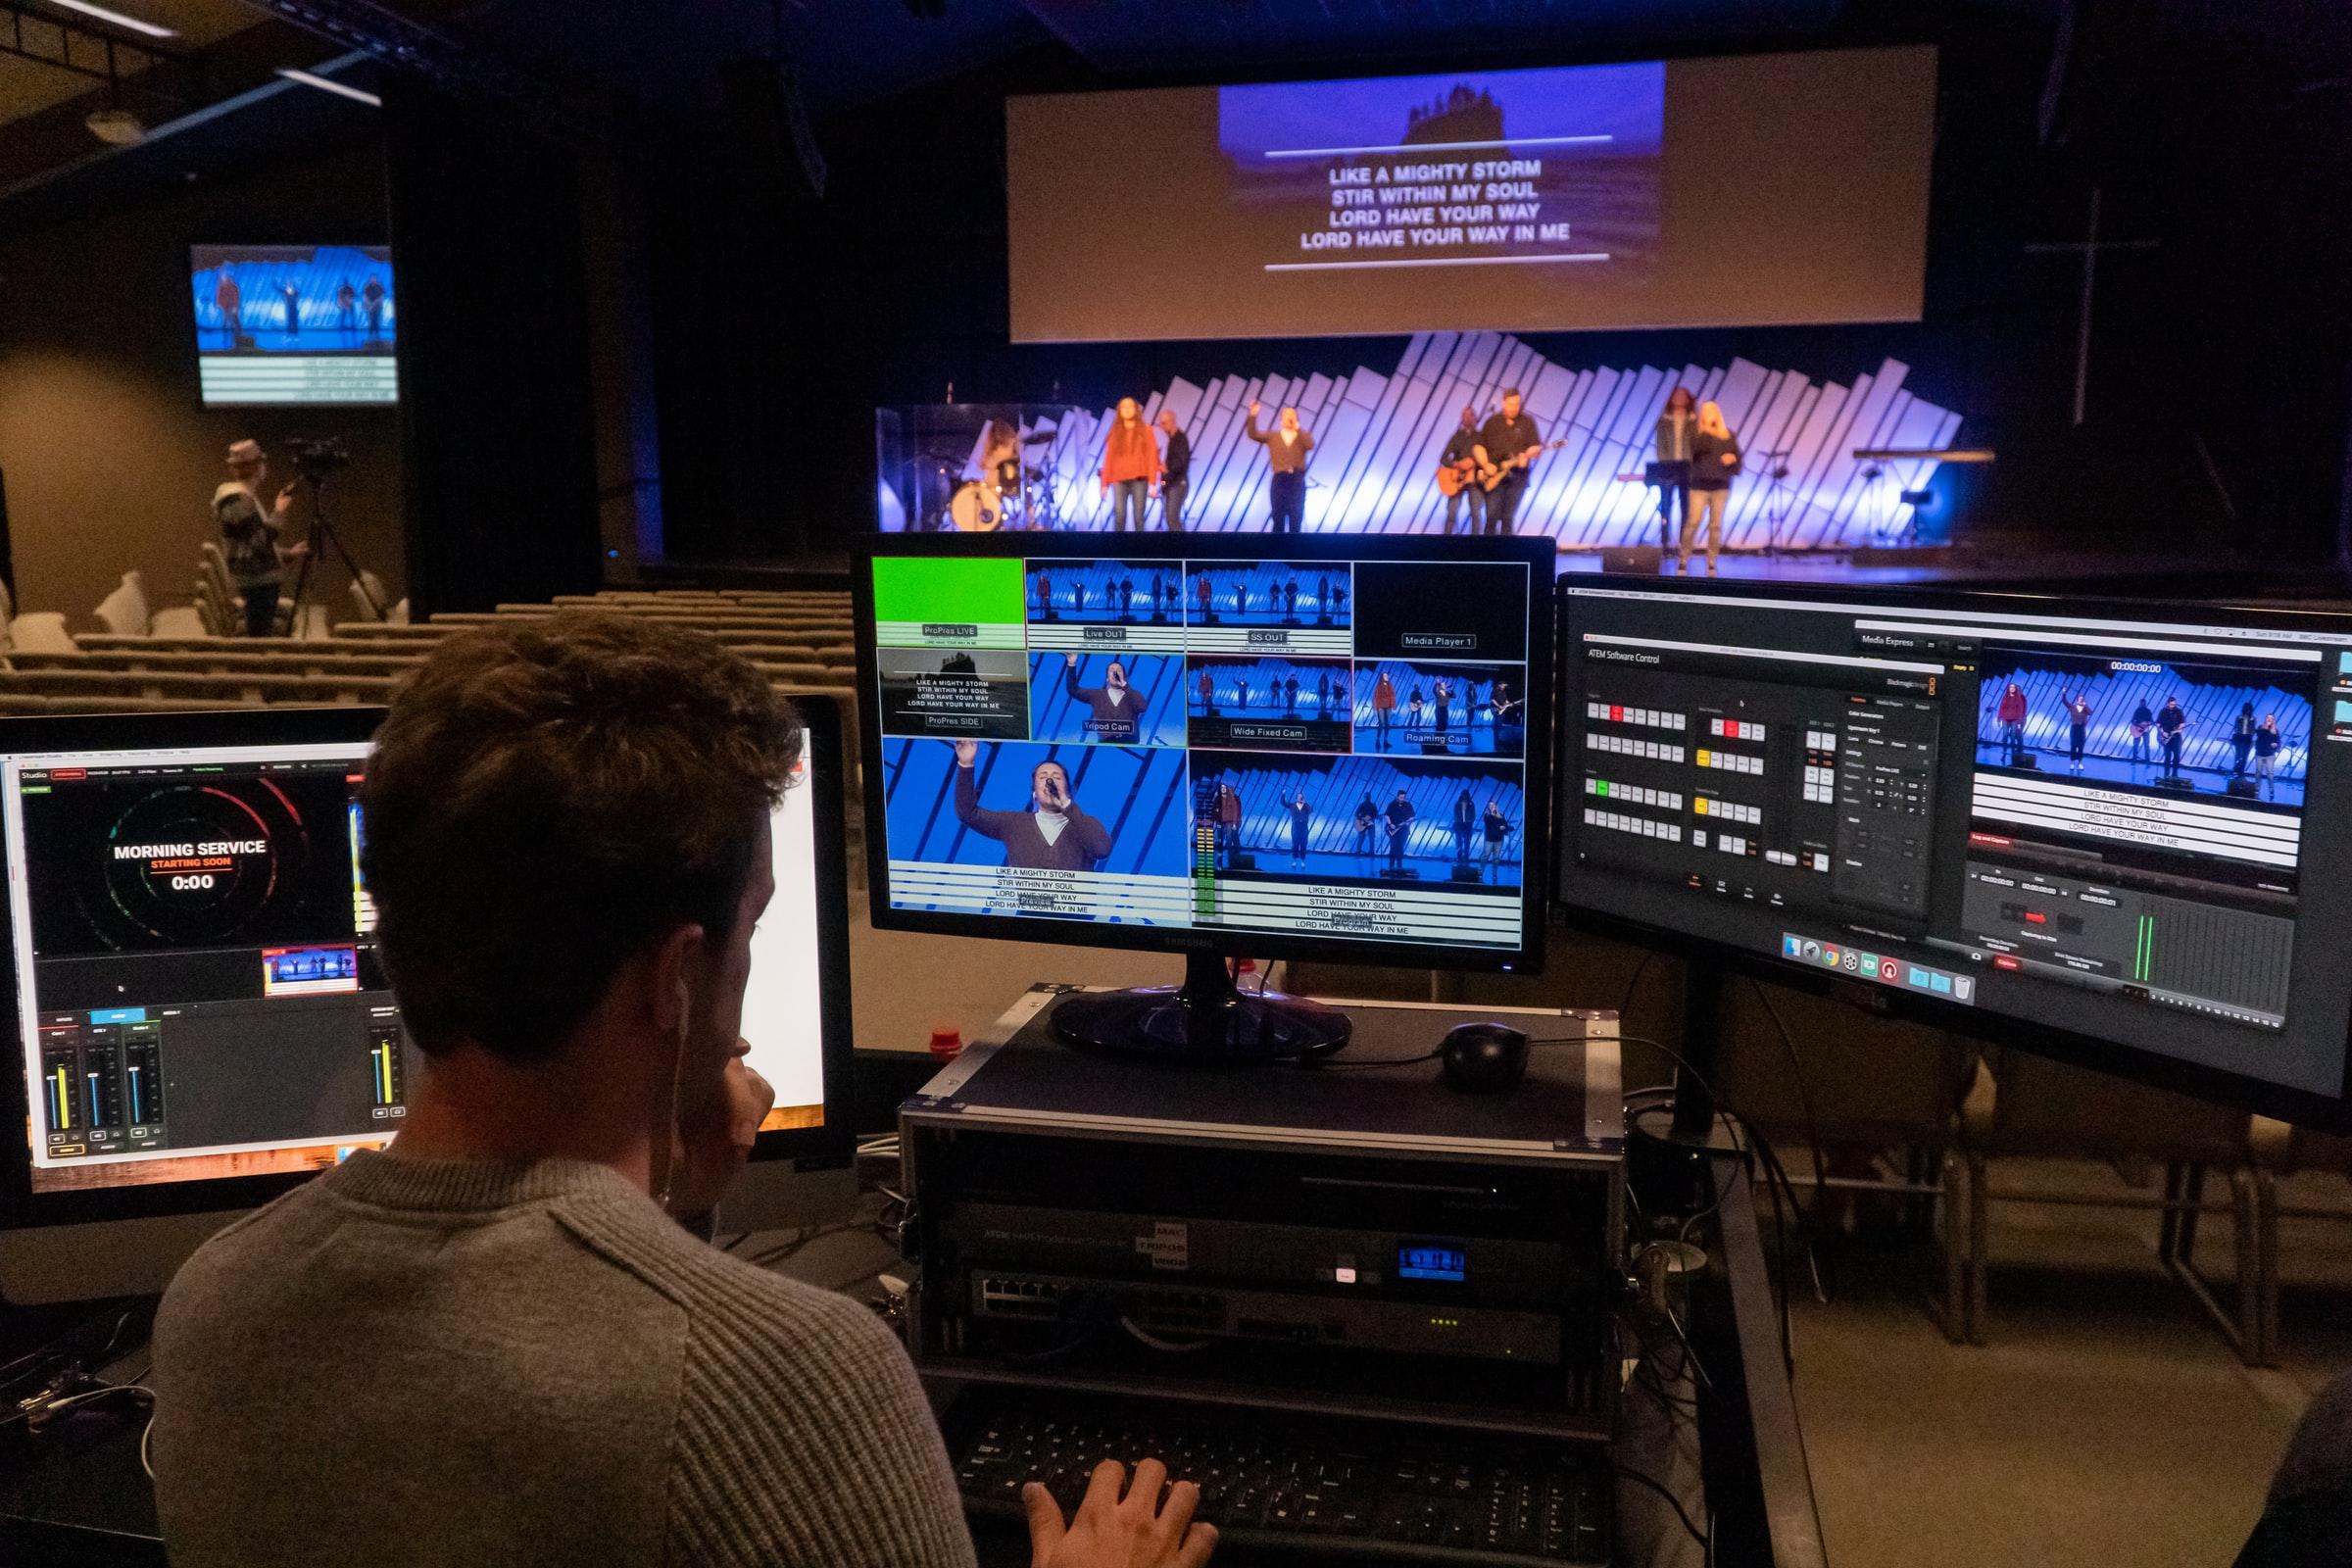 Как организовать качественное видеомикширование источников во время онлайн трансляций?